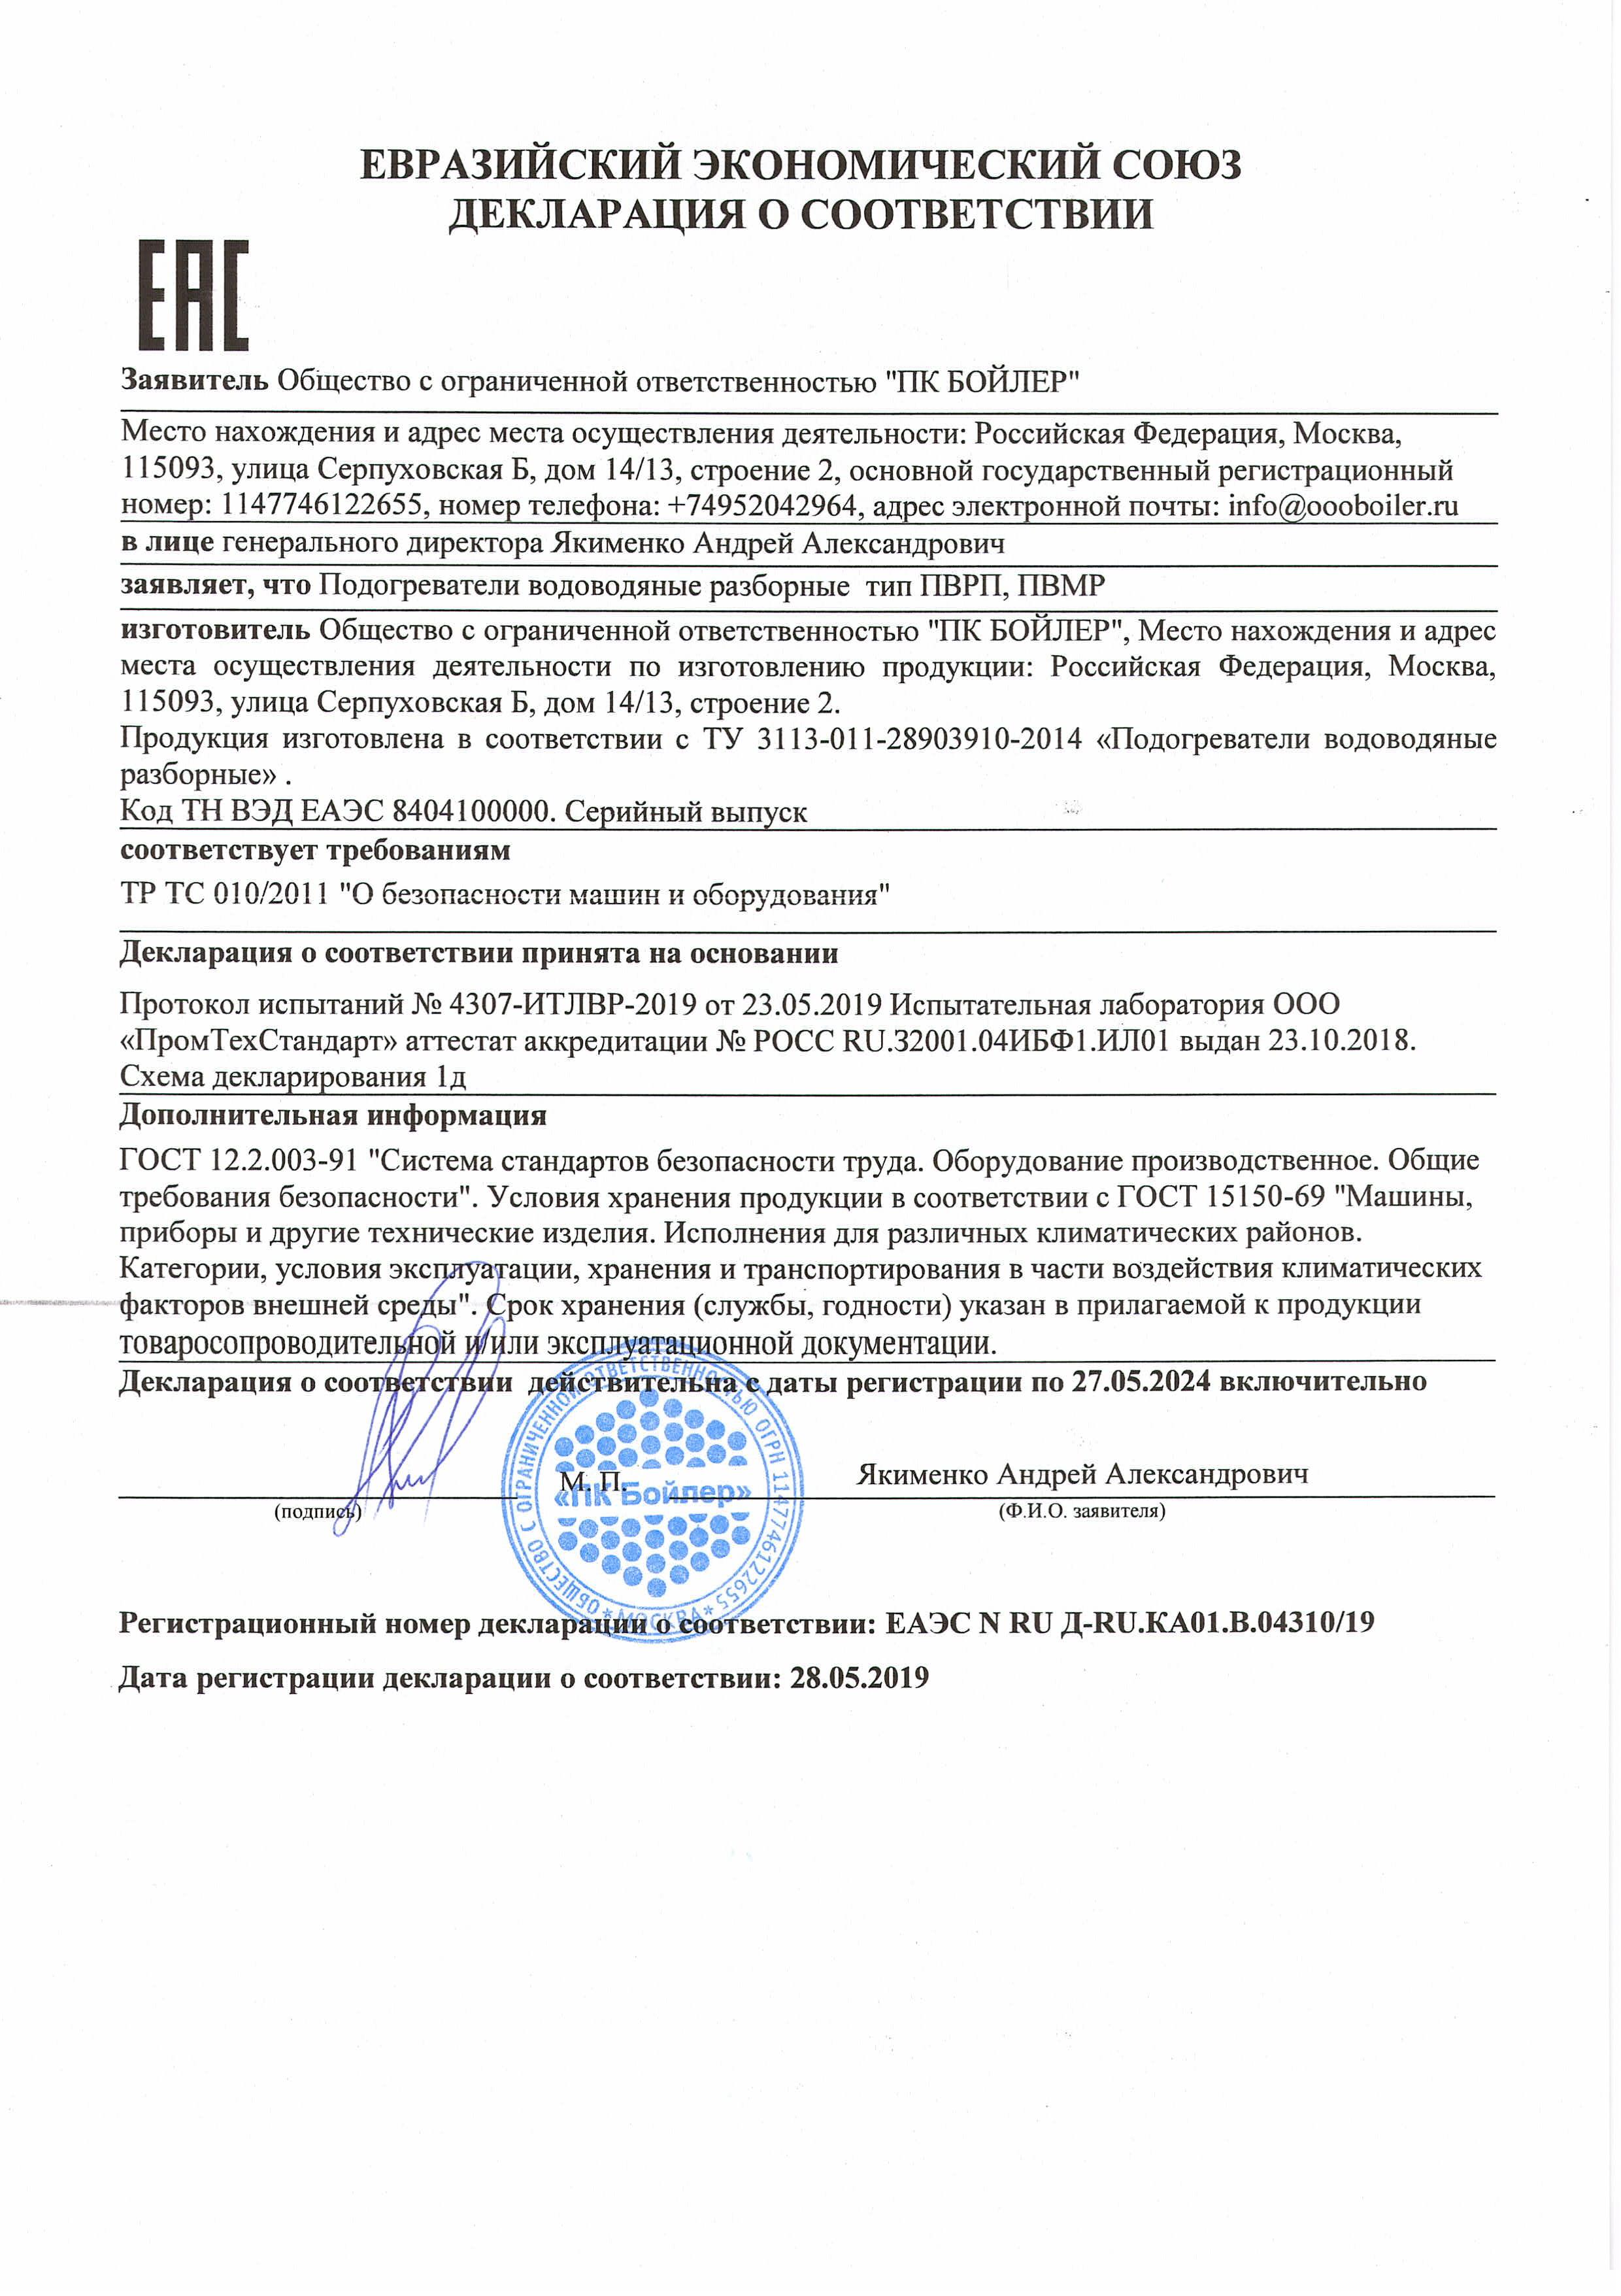 Евразийский экономический союз. Декларация о соответствии. Подогреватели  водоводяные разборные ПВМР, ПВРП